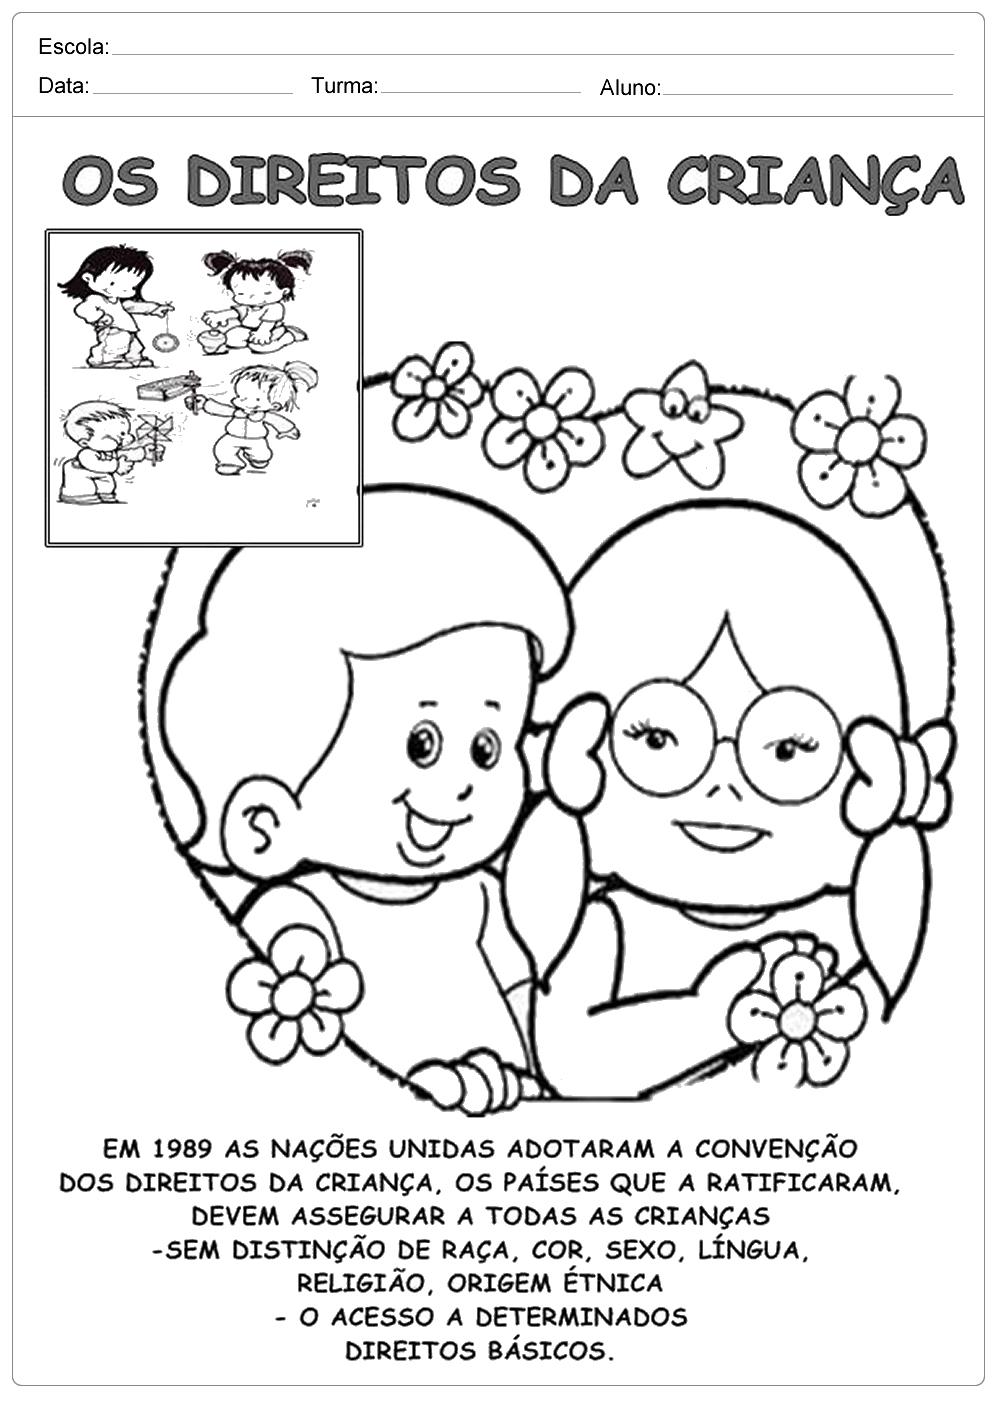 Amado História sobre o direito das crianças - Escola Educação CS64